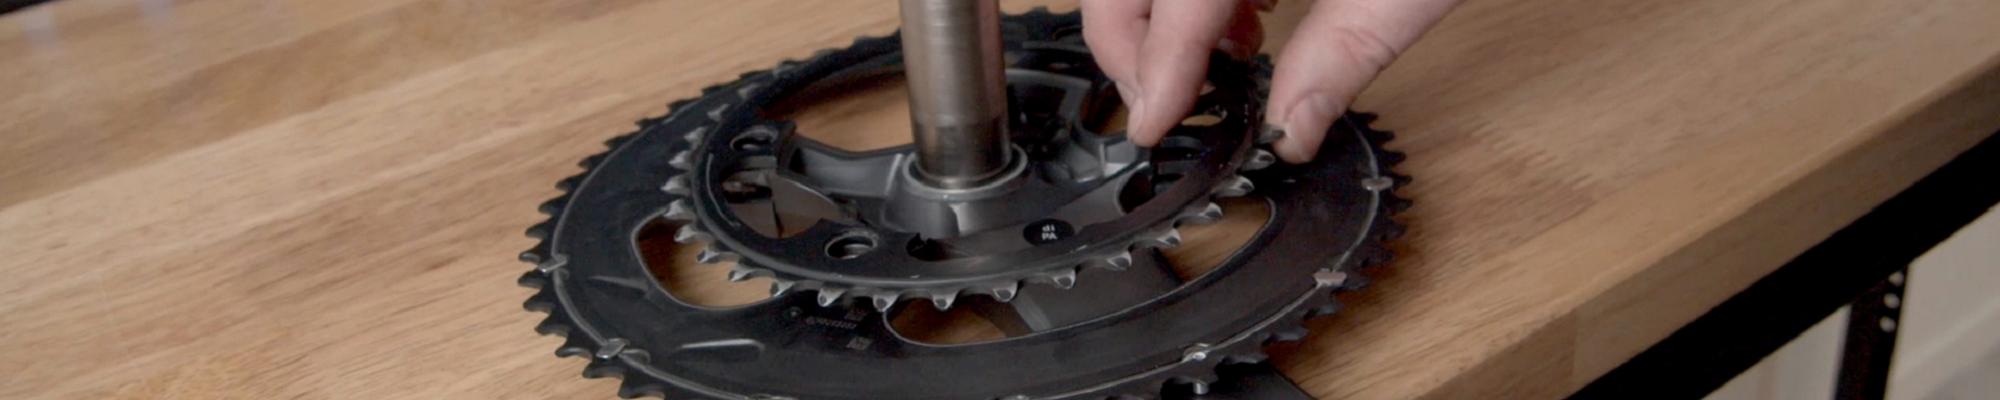 Kettingblad vervangen | Mechanic Monday